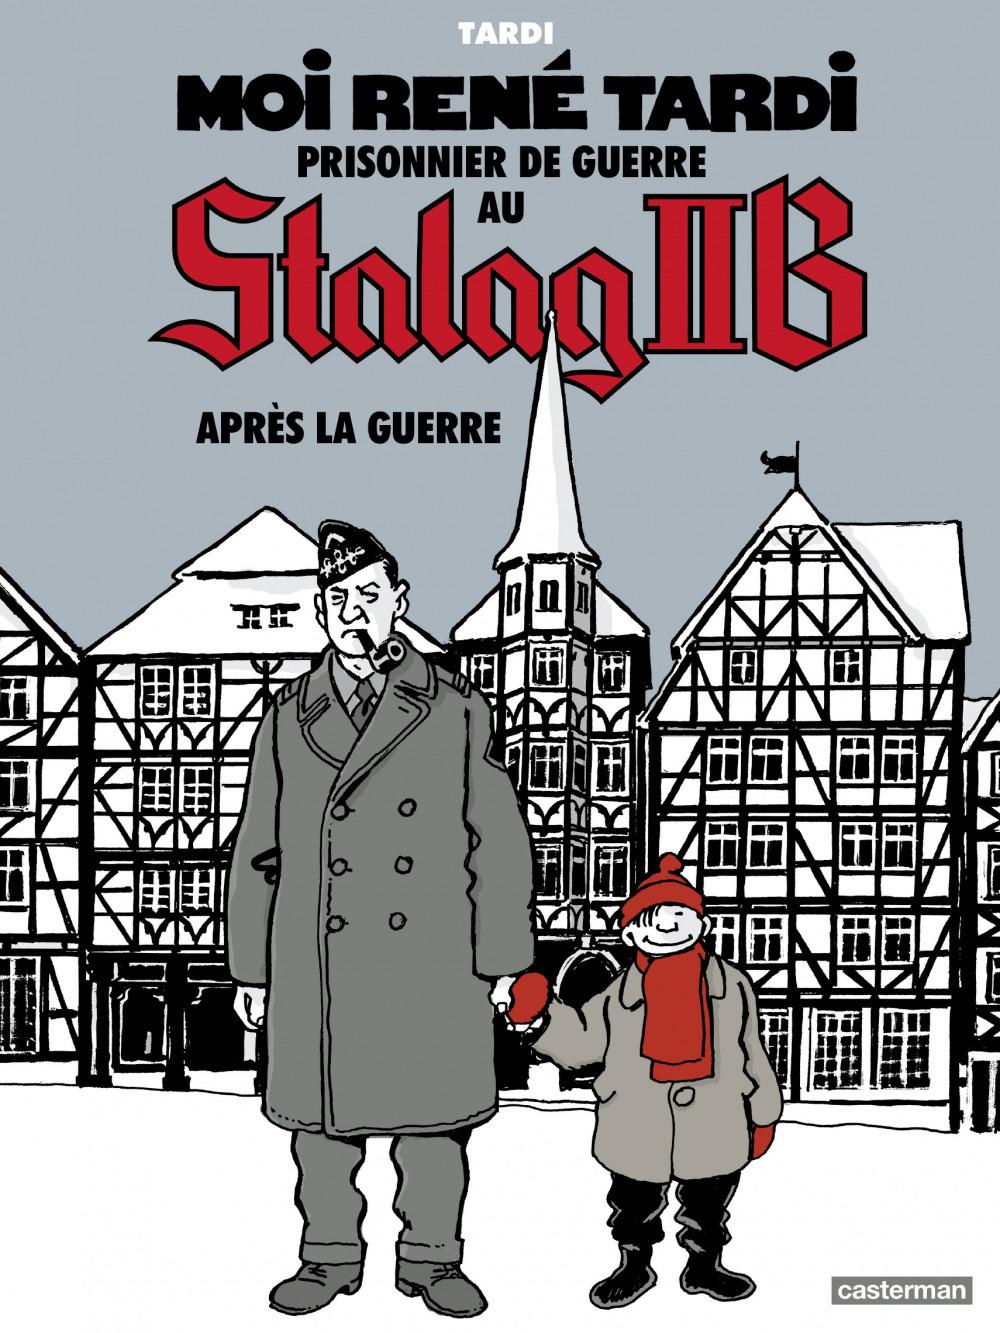 Stalag IIB: Après la guerre